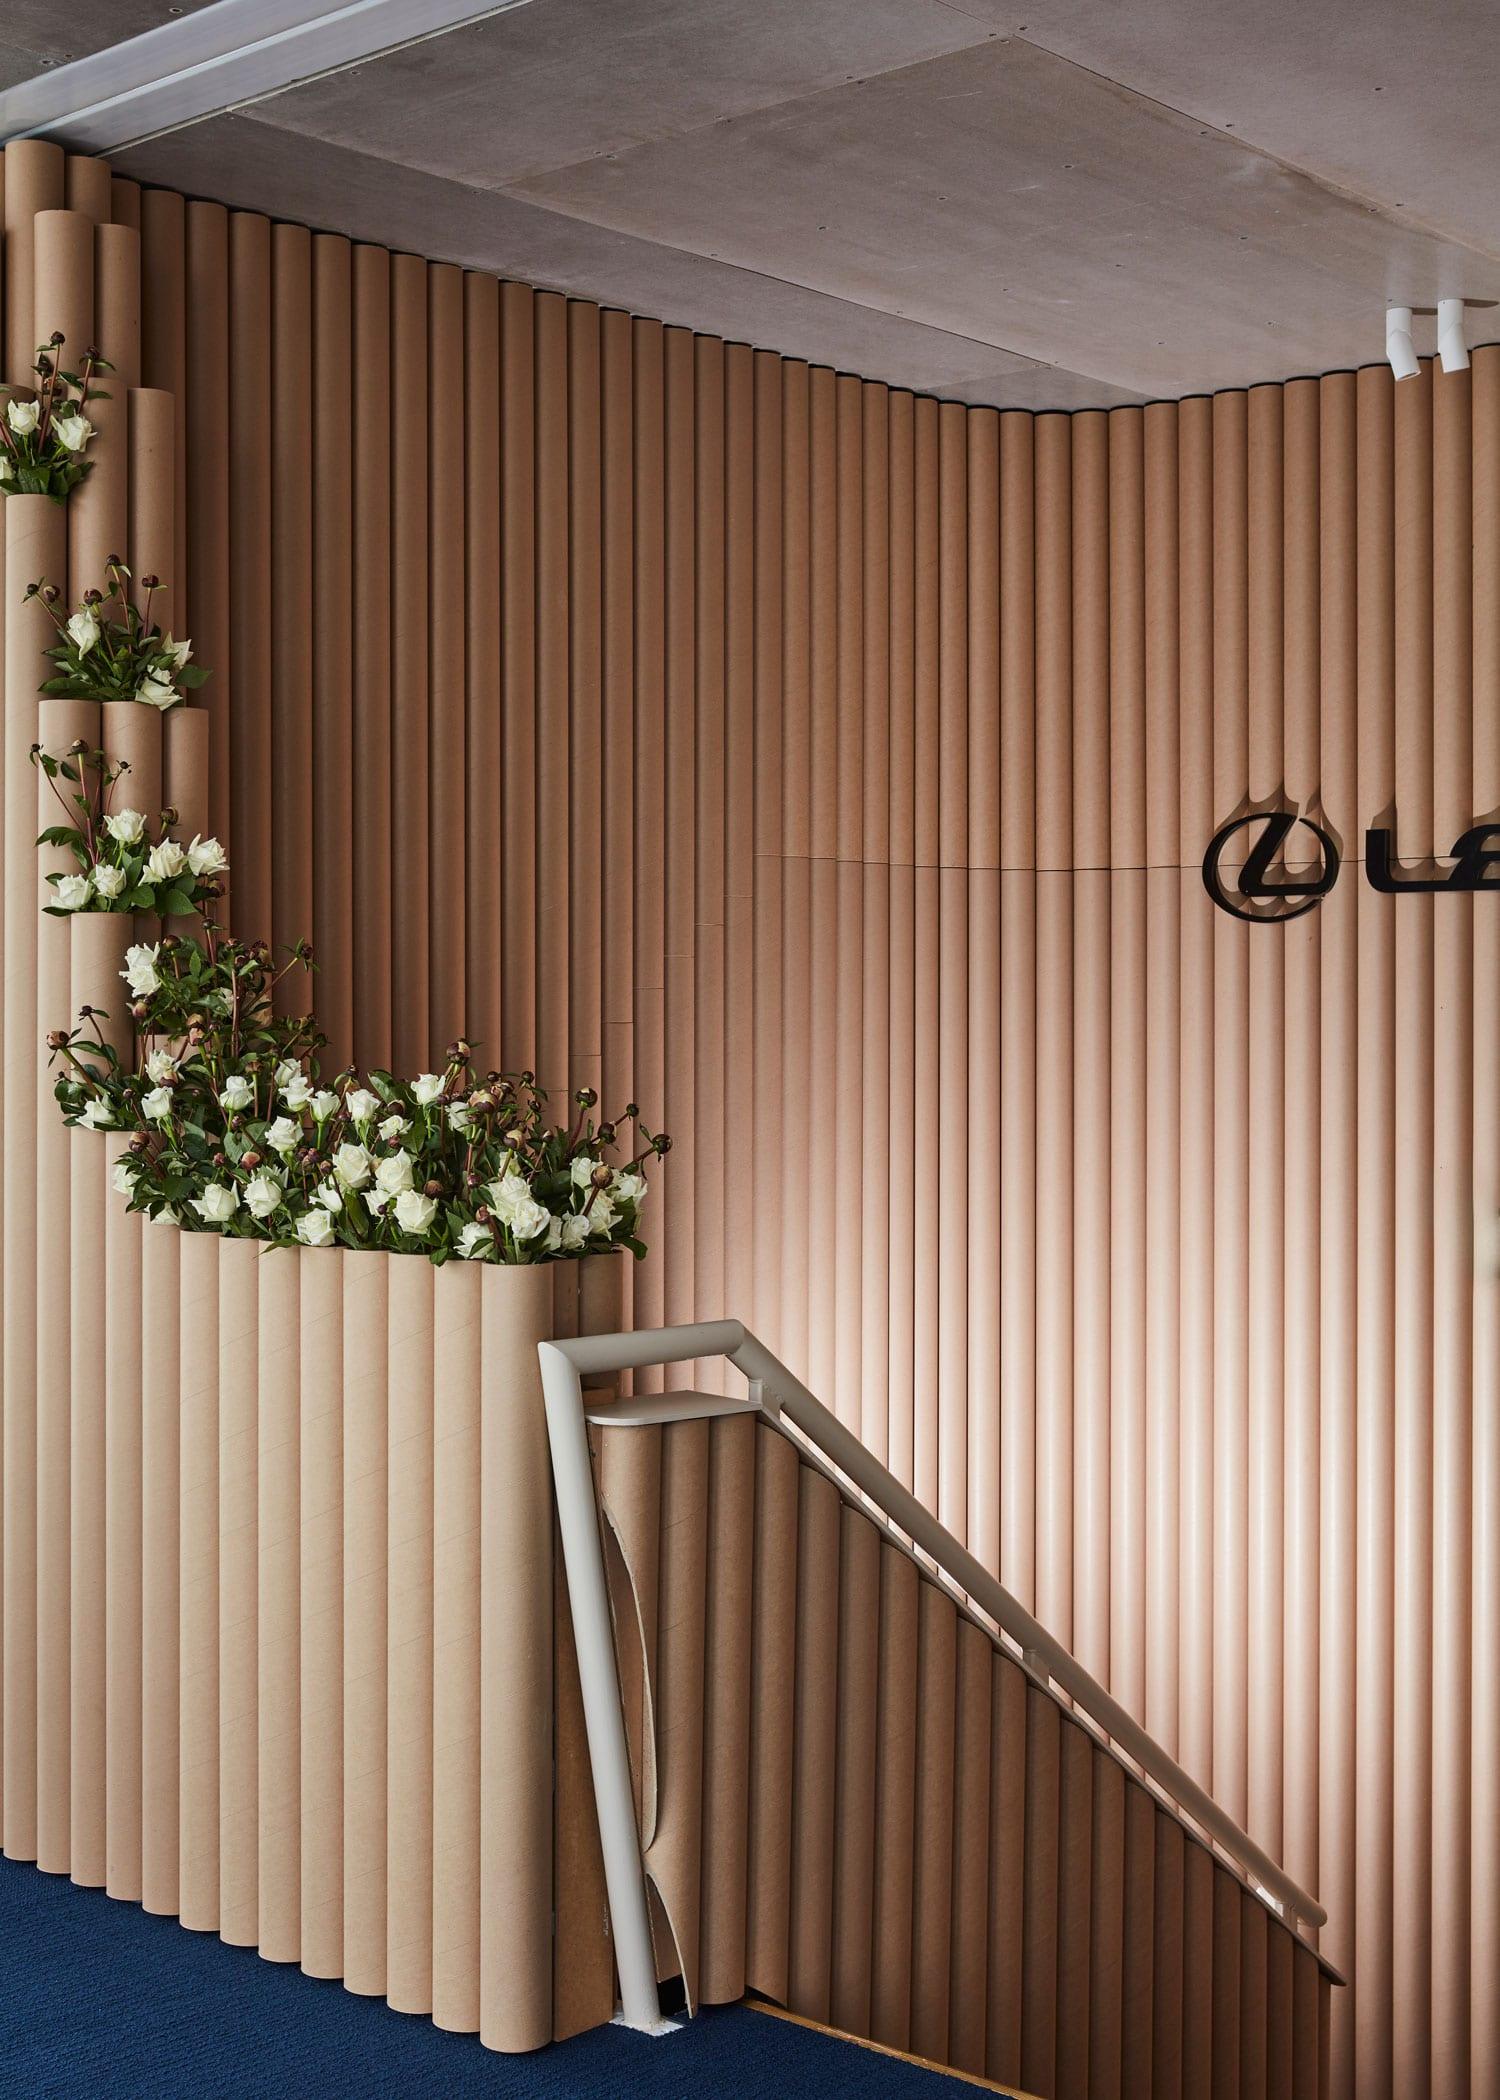 Lexus Design Pavilion 2016 by Emilie Delalande of Studio Etic   Yellowtrace